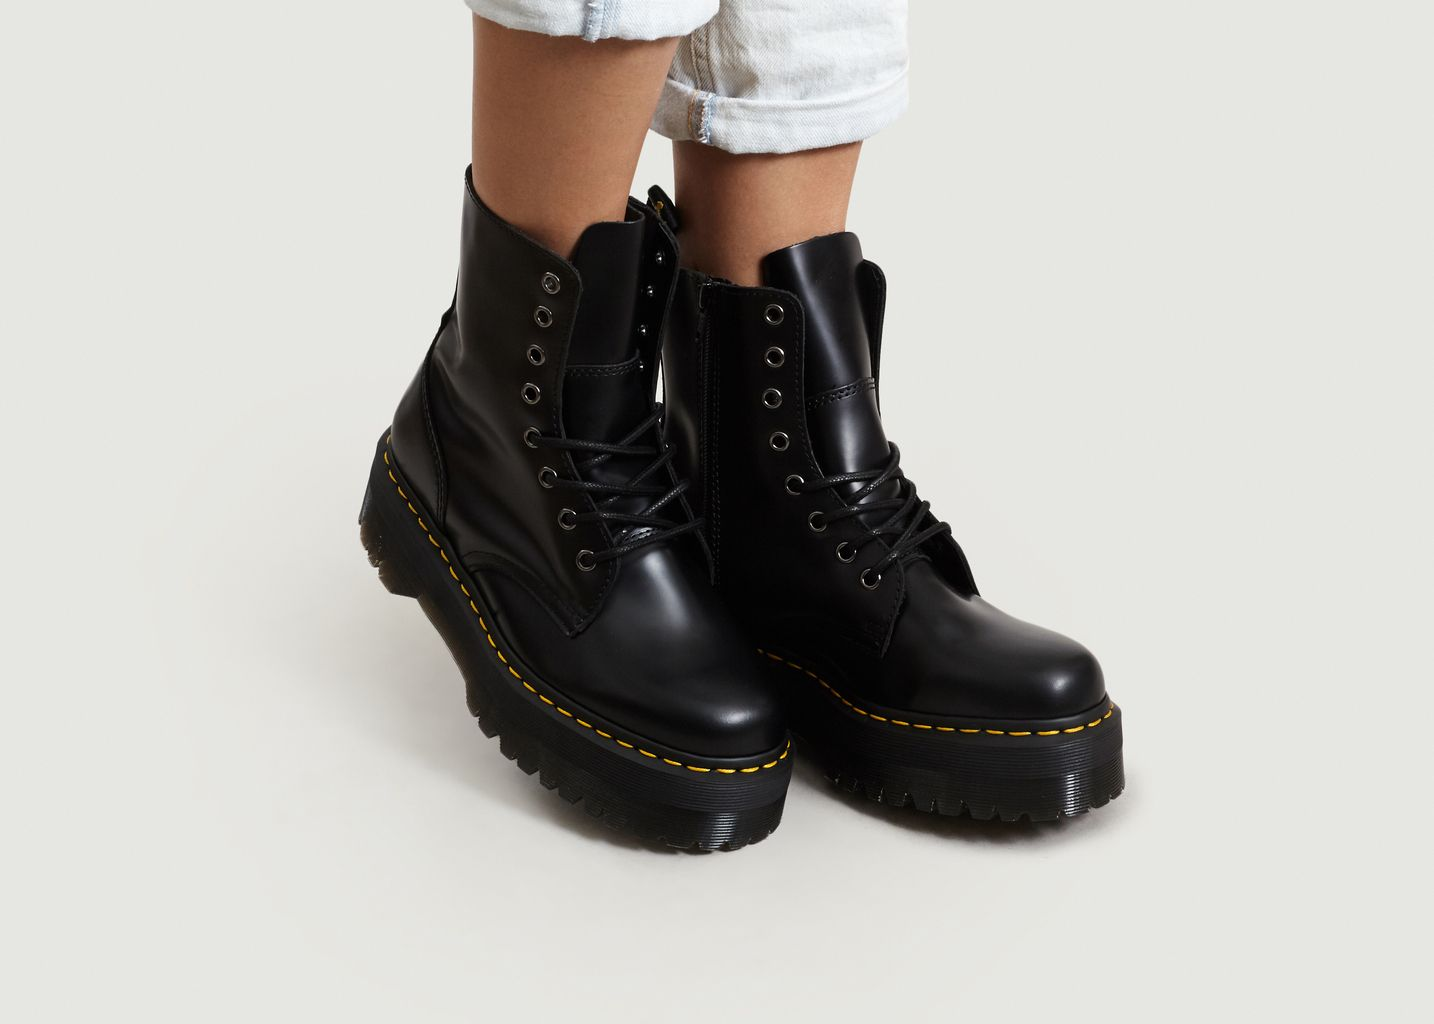 Boots Plateformes Jagger | Dr. Martens